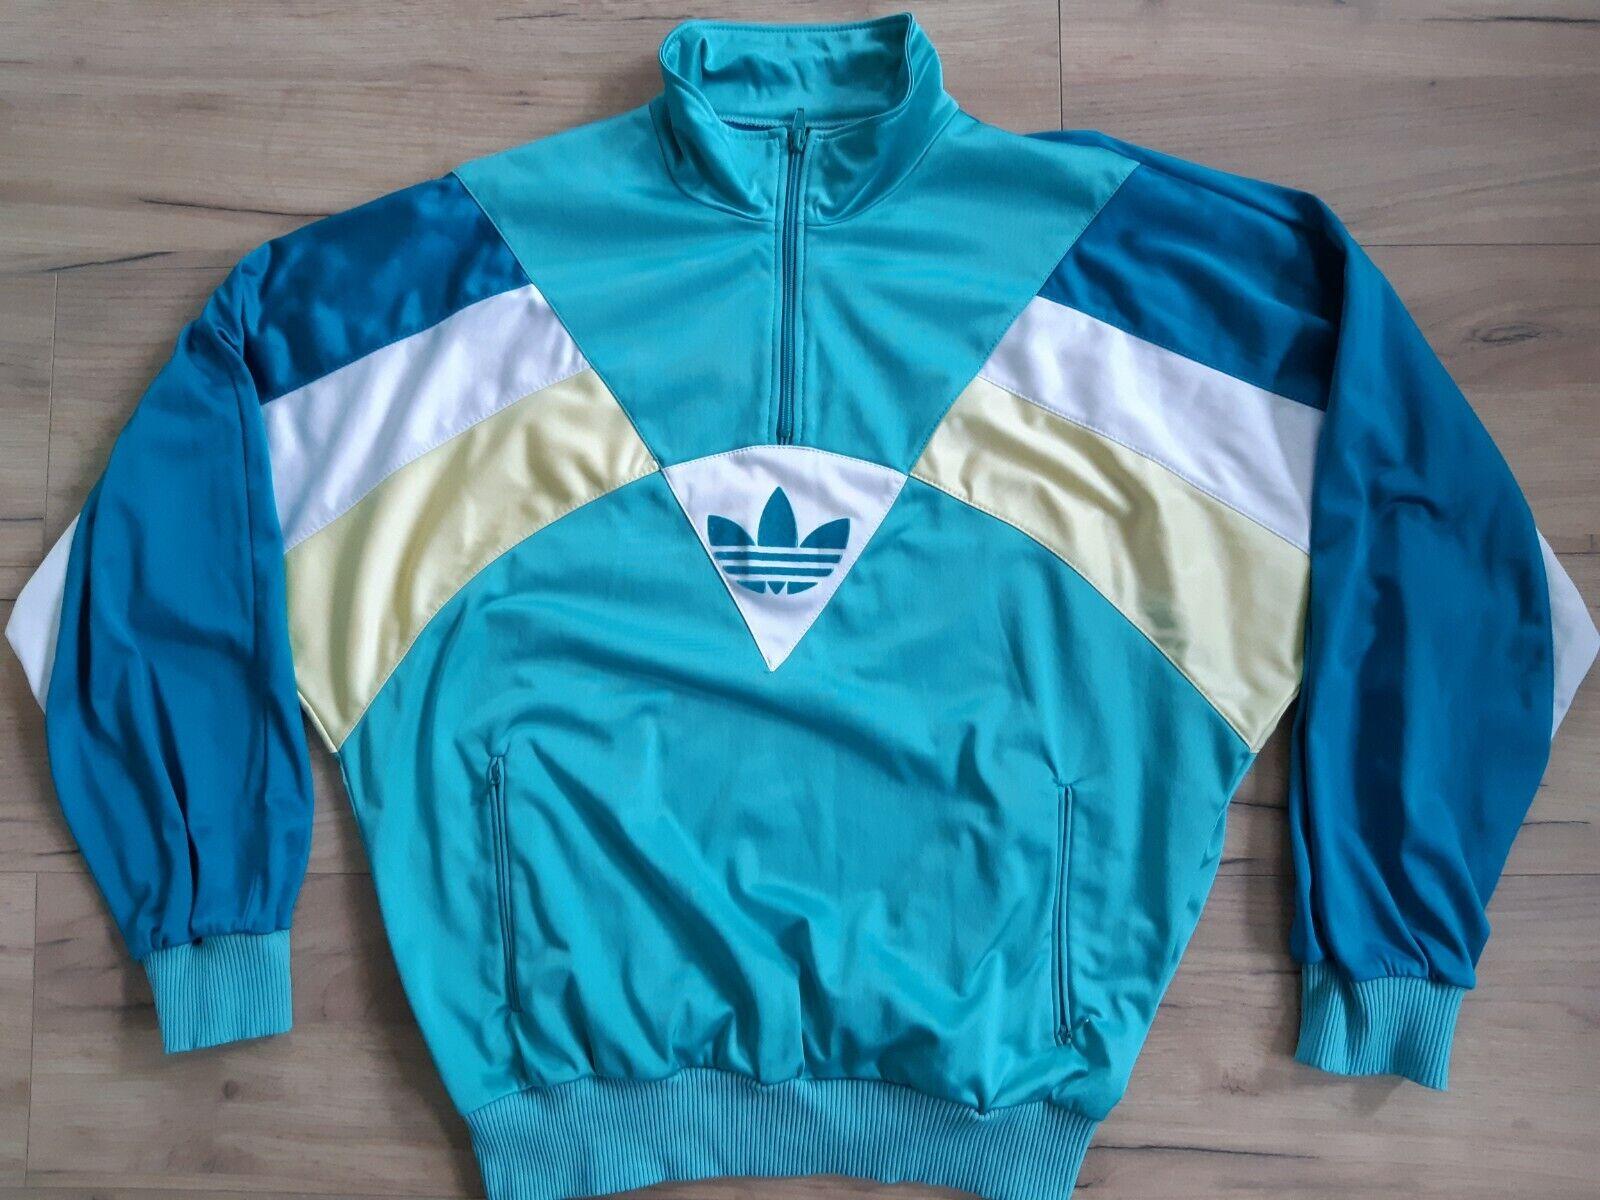 ADIDAS AUSTRIA! track jacket sweatshirt top retro vintage 90's! 5,5/6 ! M adult